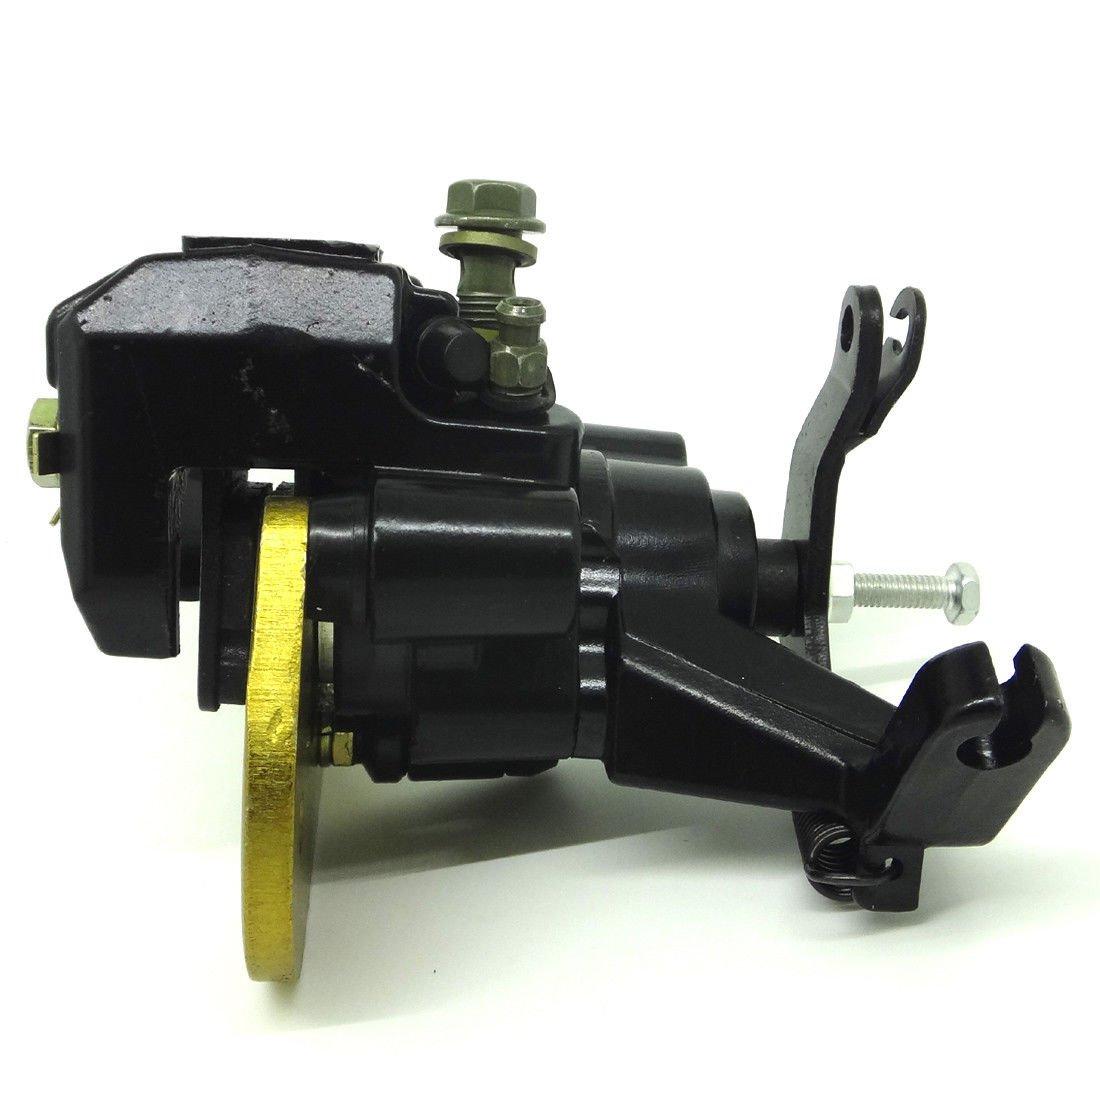 For Rear Brake Caliper Assembly For SUZUKI Quad Sport Z400 LTZ 400 With Pads 03-14 2014 Suzuki Quadsport Z400 LTZ400 2x4 2013 Suzuki Quadsport Z400 LTZ400 2x4